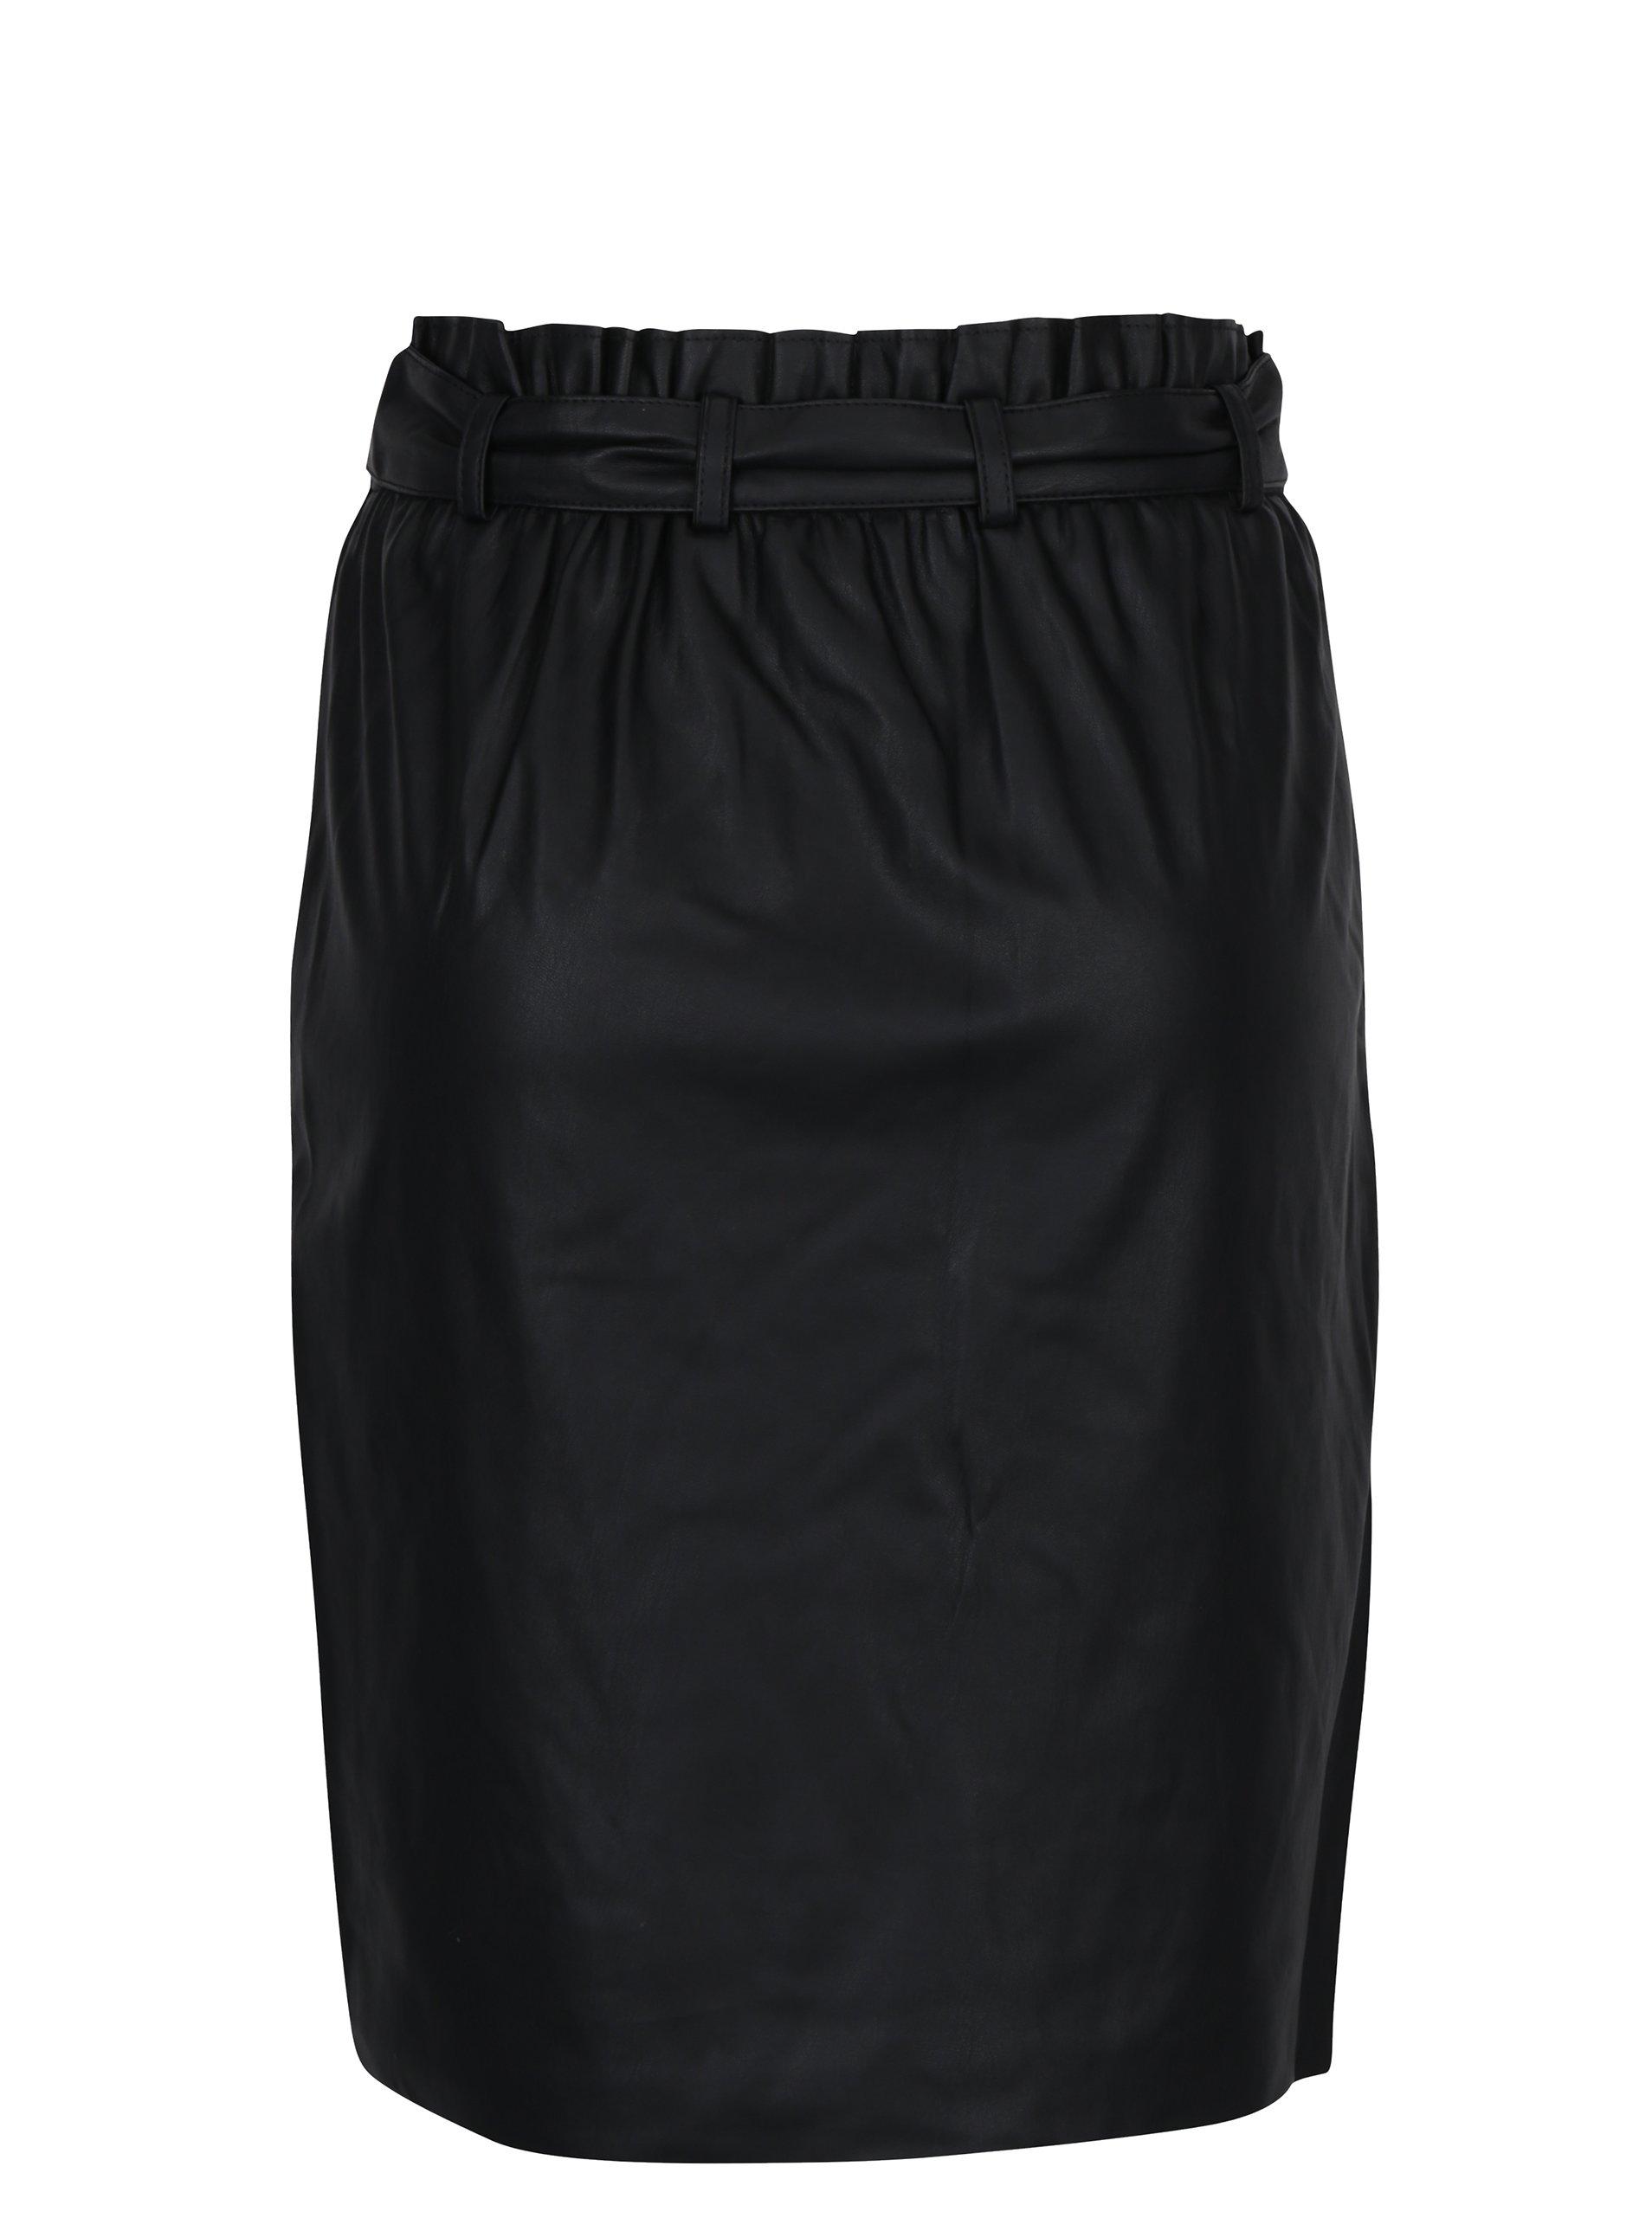 Černá pouzdrová sukně se zavazováním VILA Anja - eleganter.cz 34fd53dbff